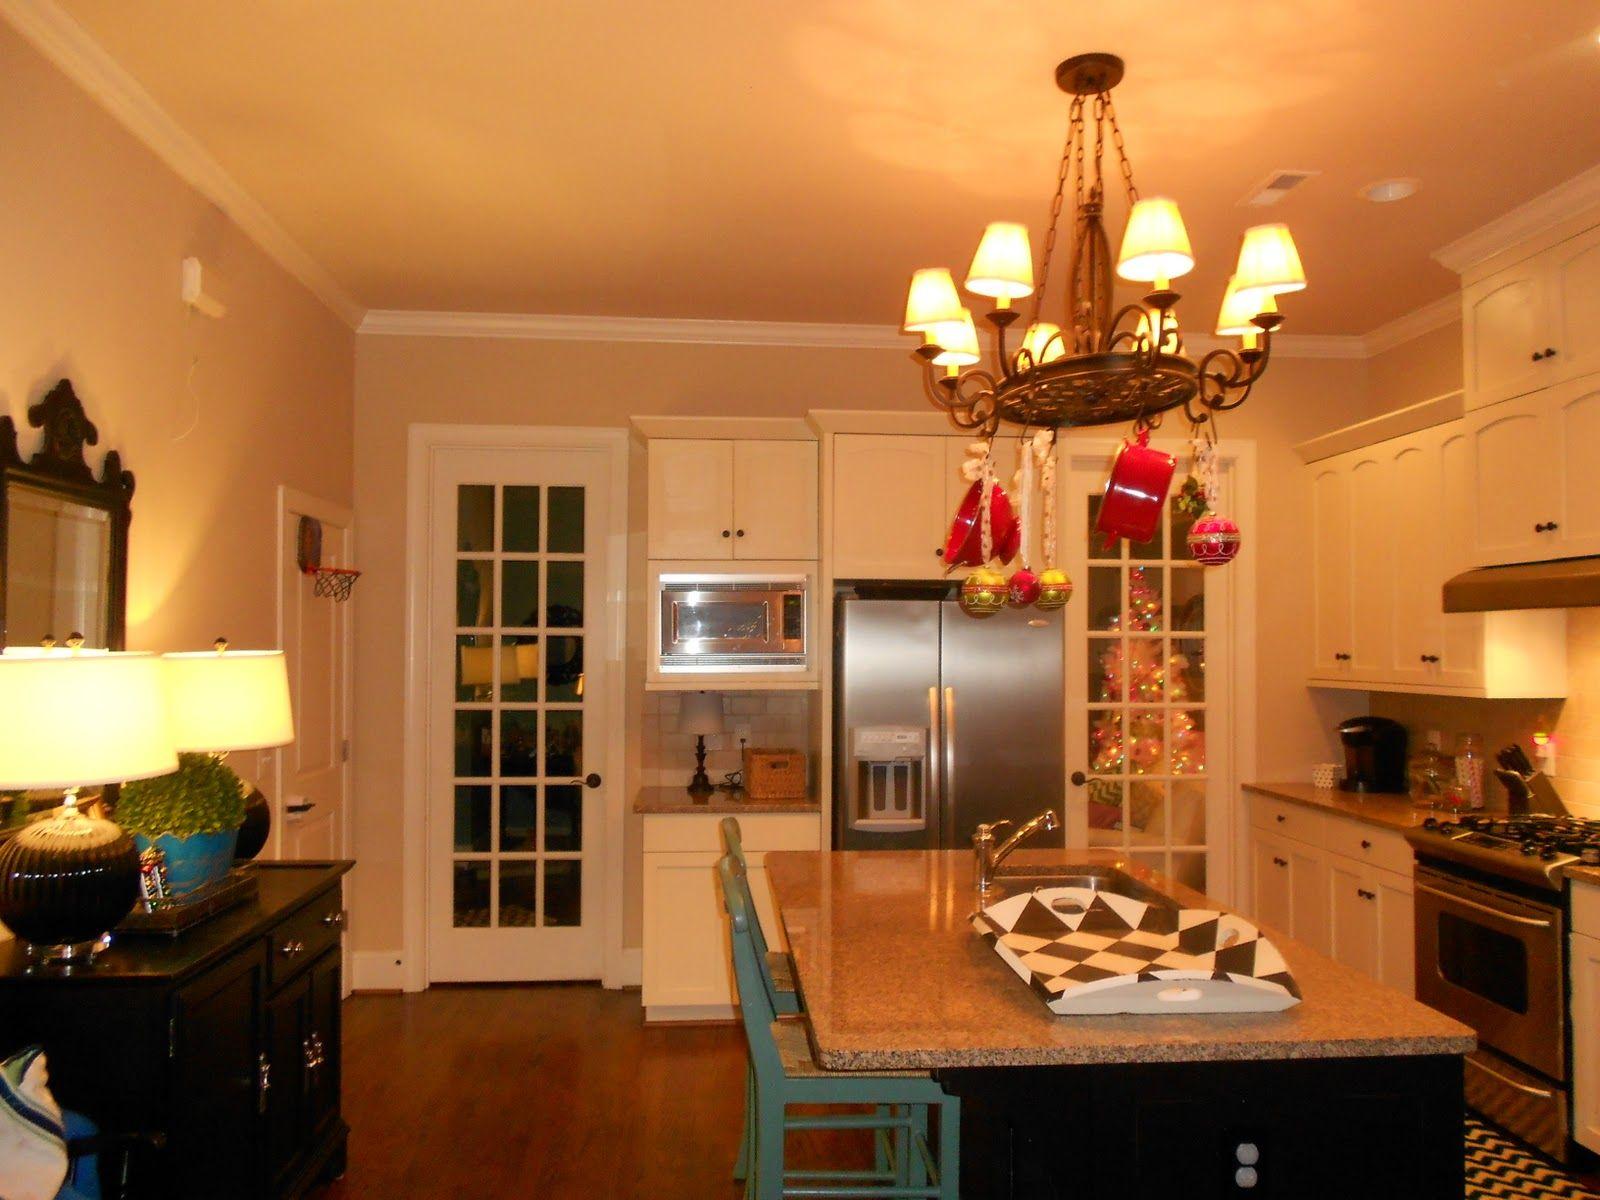 Küchen-design-schrank licht holz küche schränke  minimalistische küche möbel